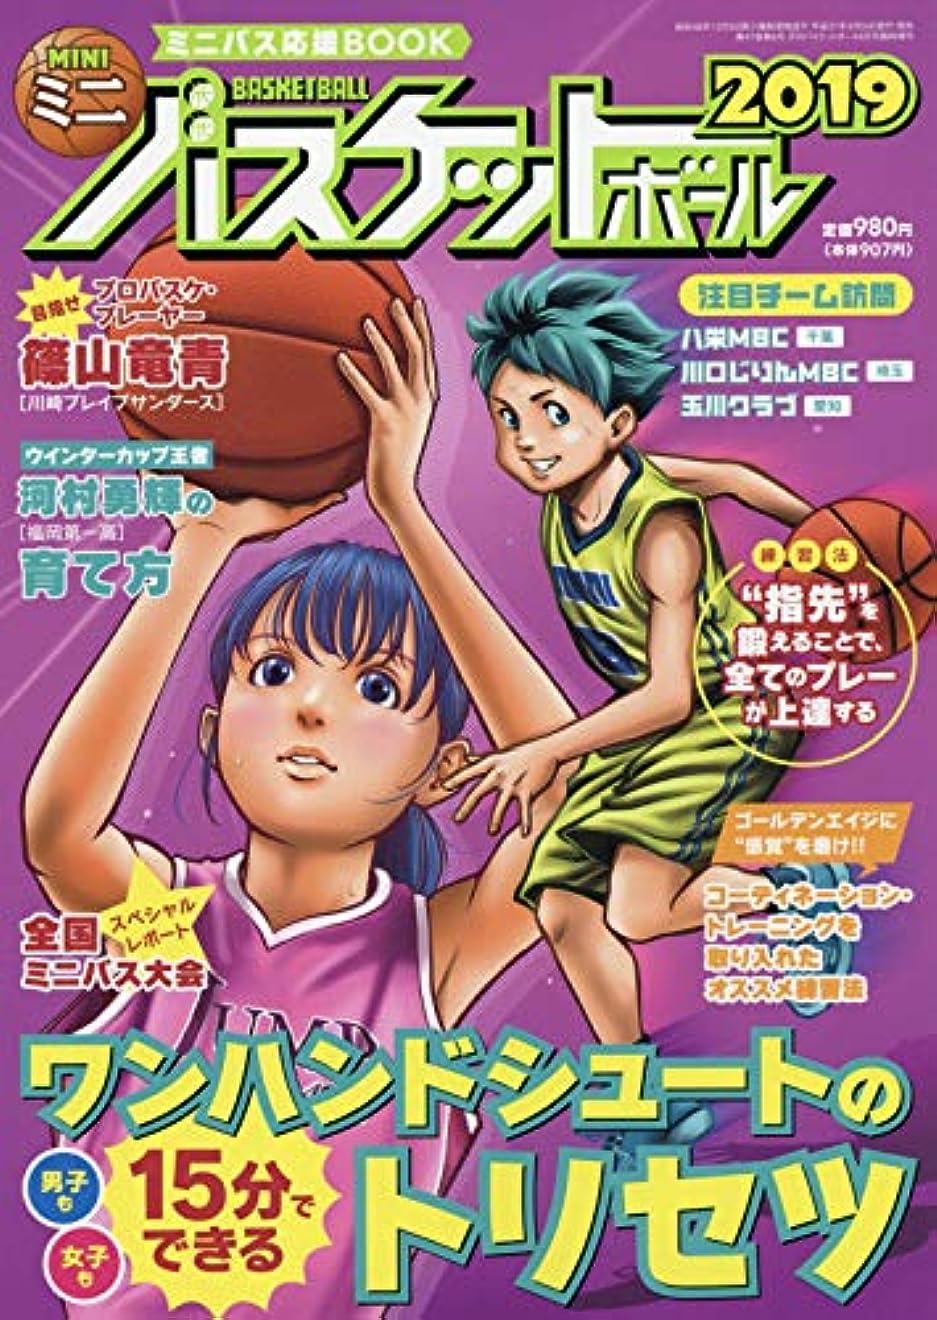 縮約絡み合い社会ミニバスケットボール2019 2019年 06 月号 [雑誌]: 月刊バスケットボール 増刊